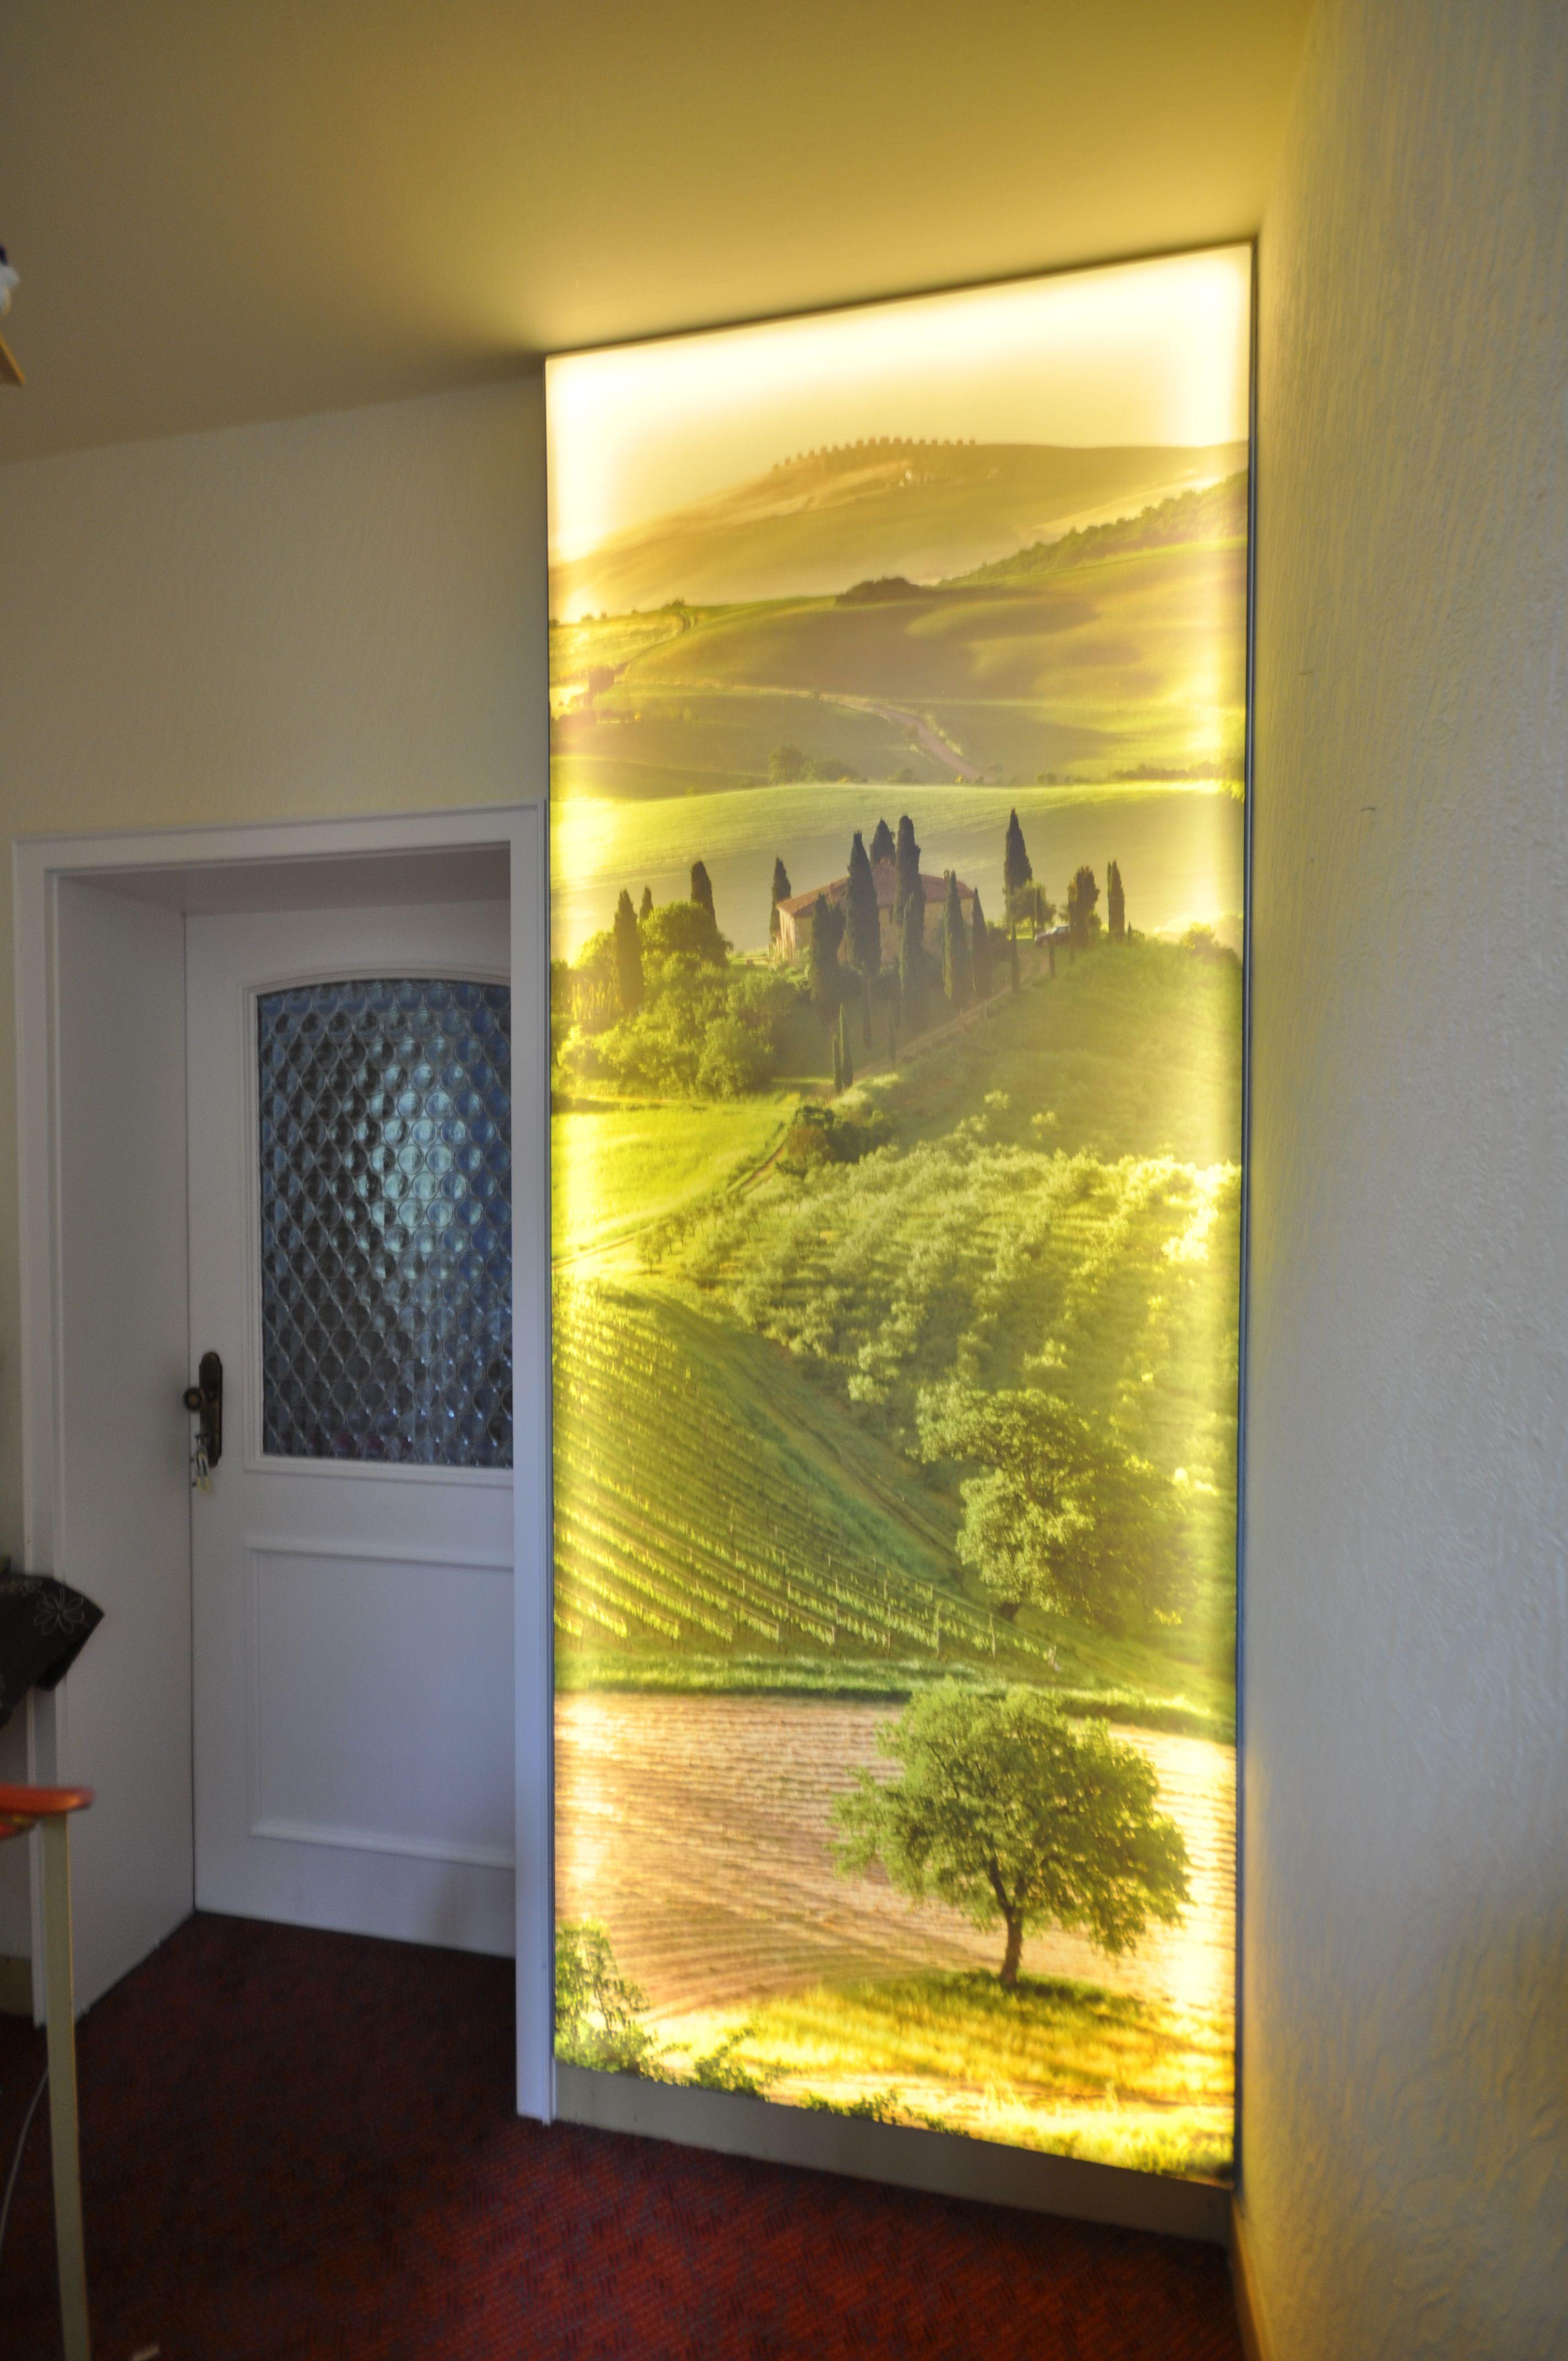 bedruckte spanndecke als lichtwand im flur beleuchtung flur bild toskana decke ideen rund ums. Black Bedroom Furniture Sets. Home Design Ideas